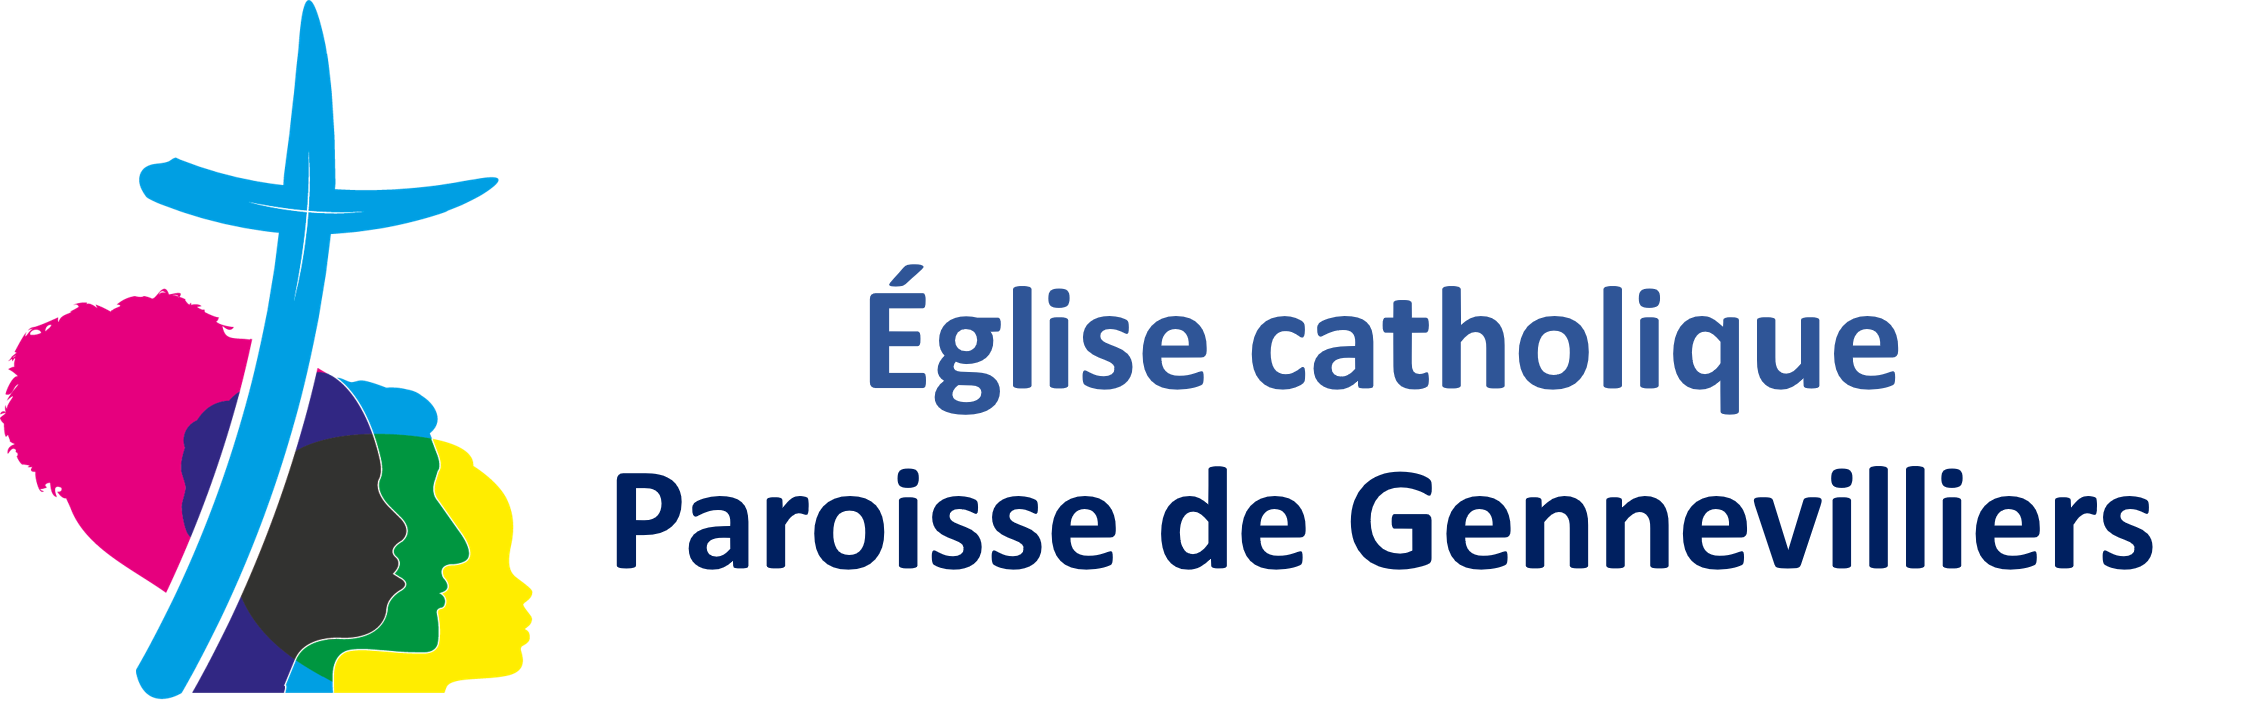 paroisse de genevilliers